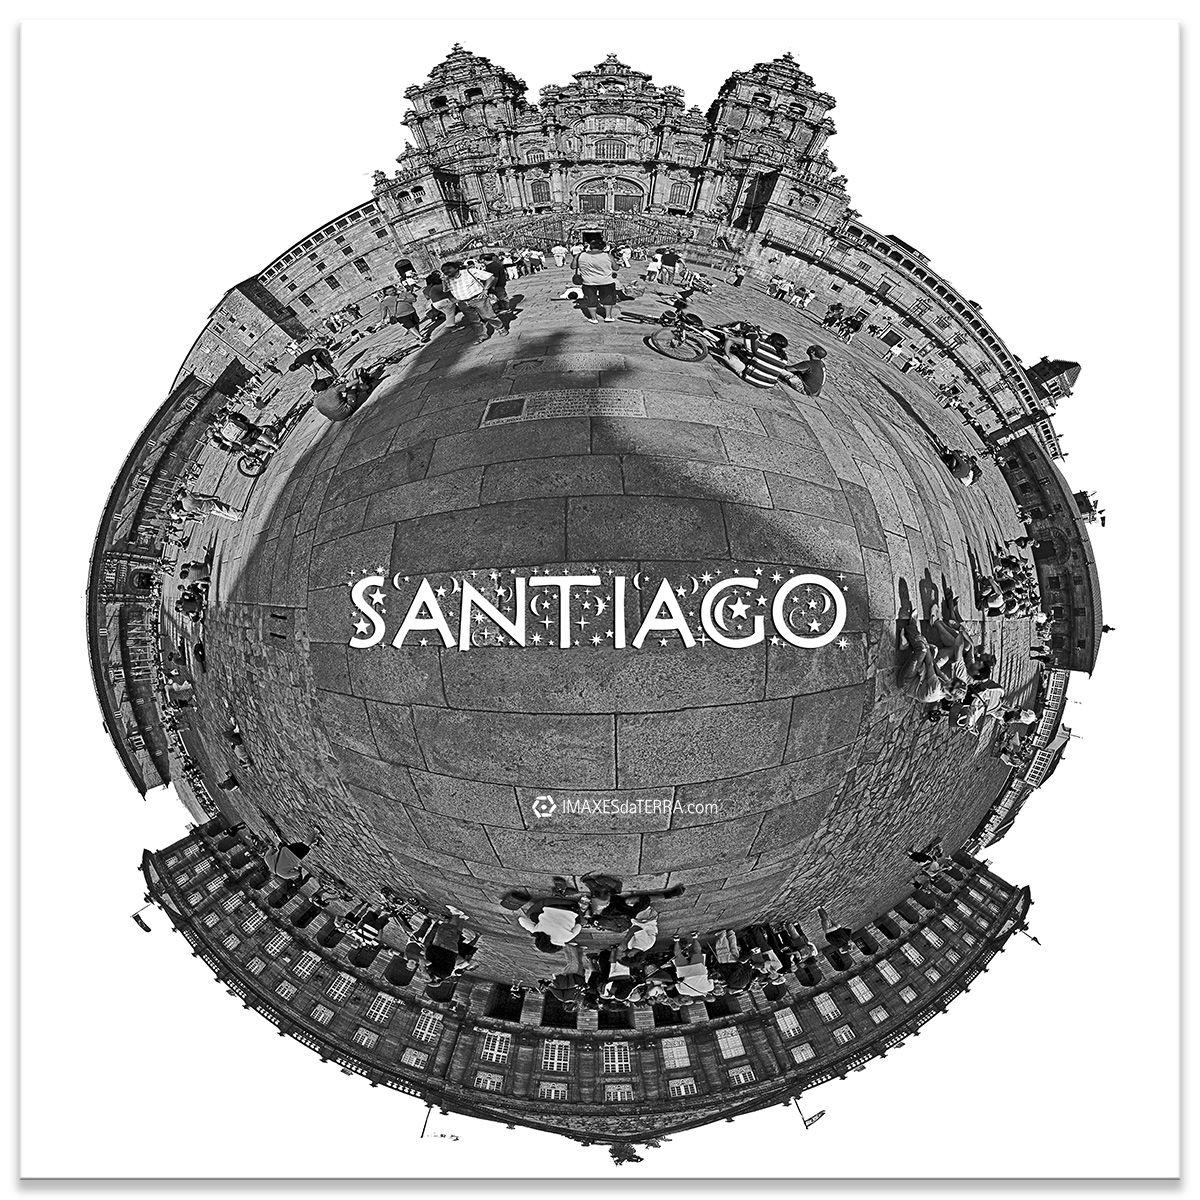 Comprar fotografía de Galicia Santiago de Compostela Catedral Peregrinos Plaza do Obradorio Camino de Santiago Decoración fotografía 360 b&n